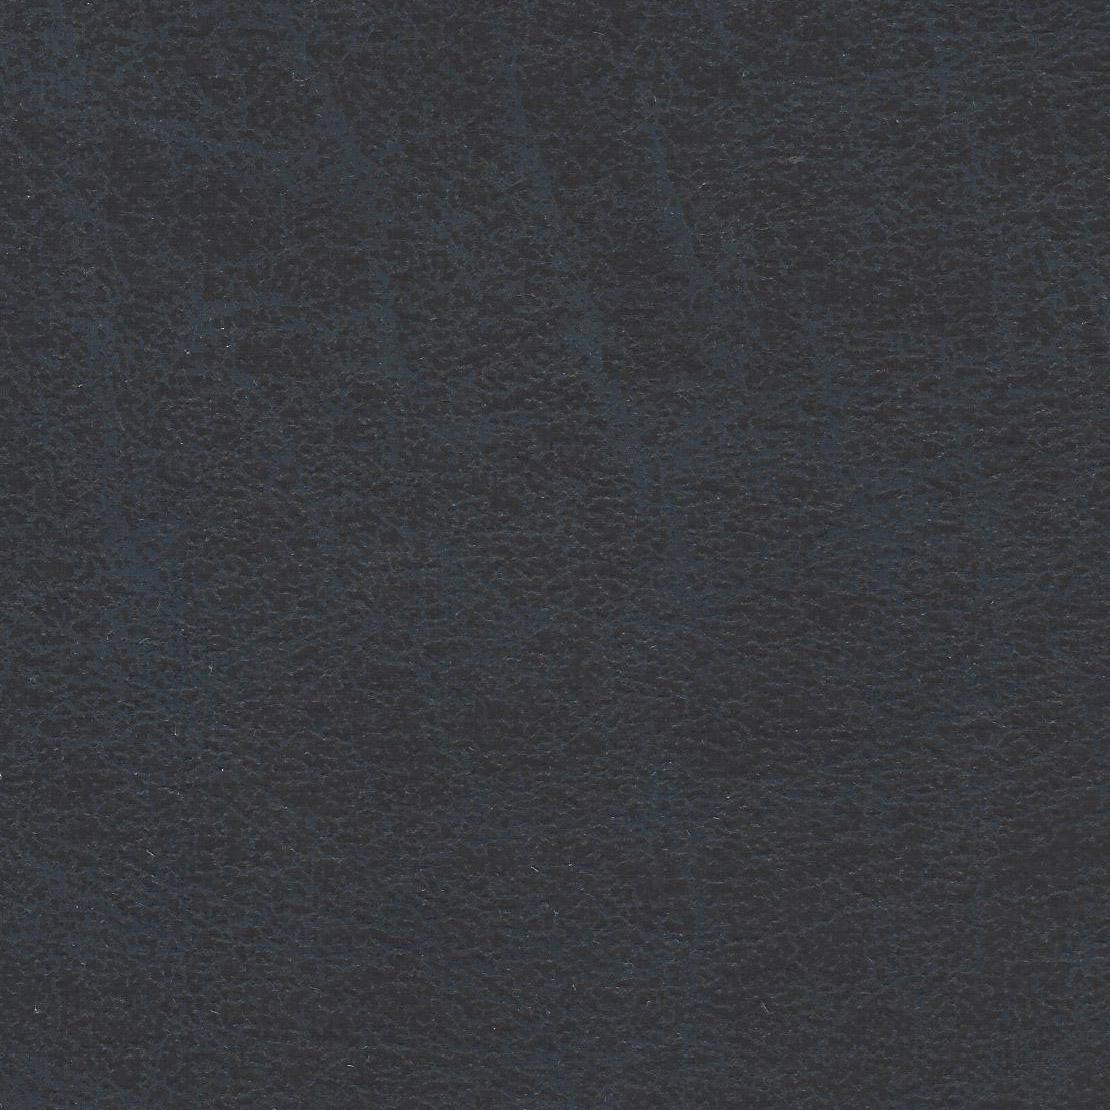 Yacht dark blue